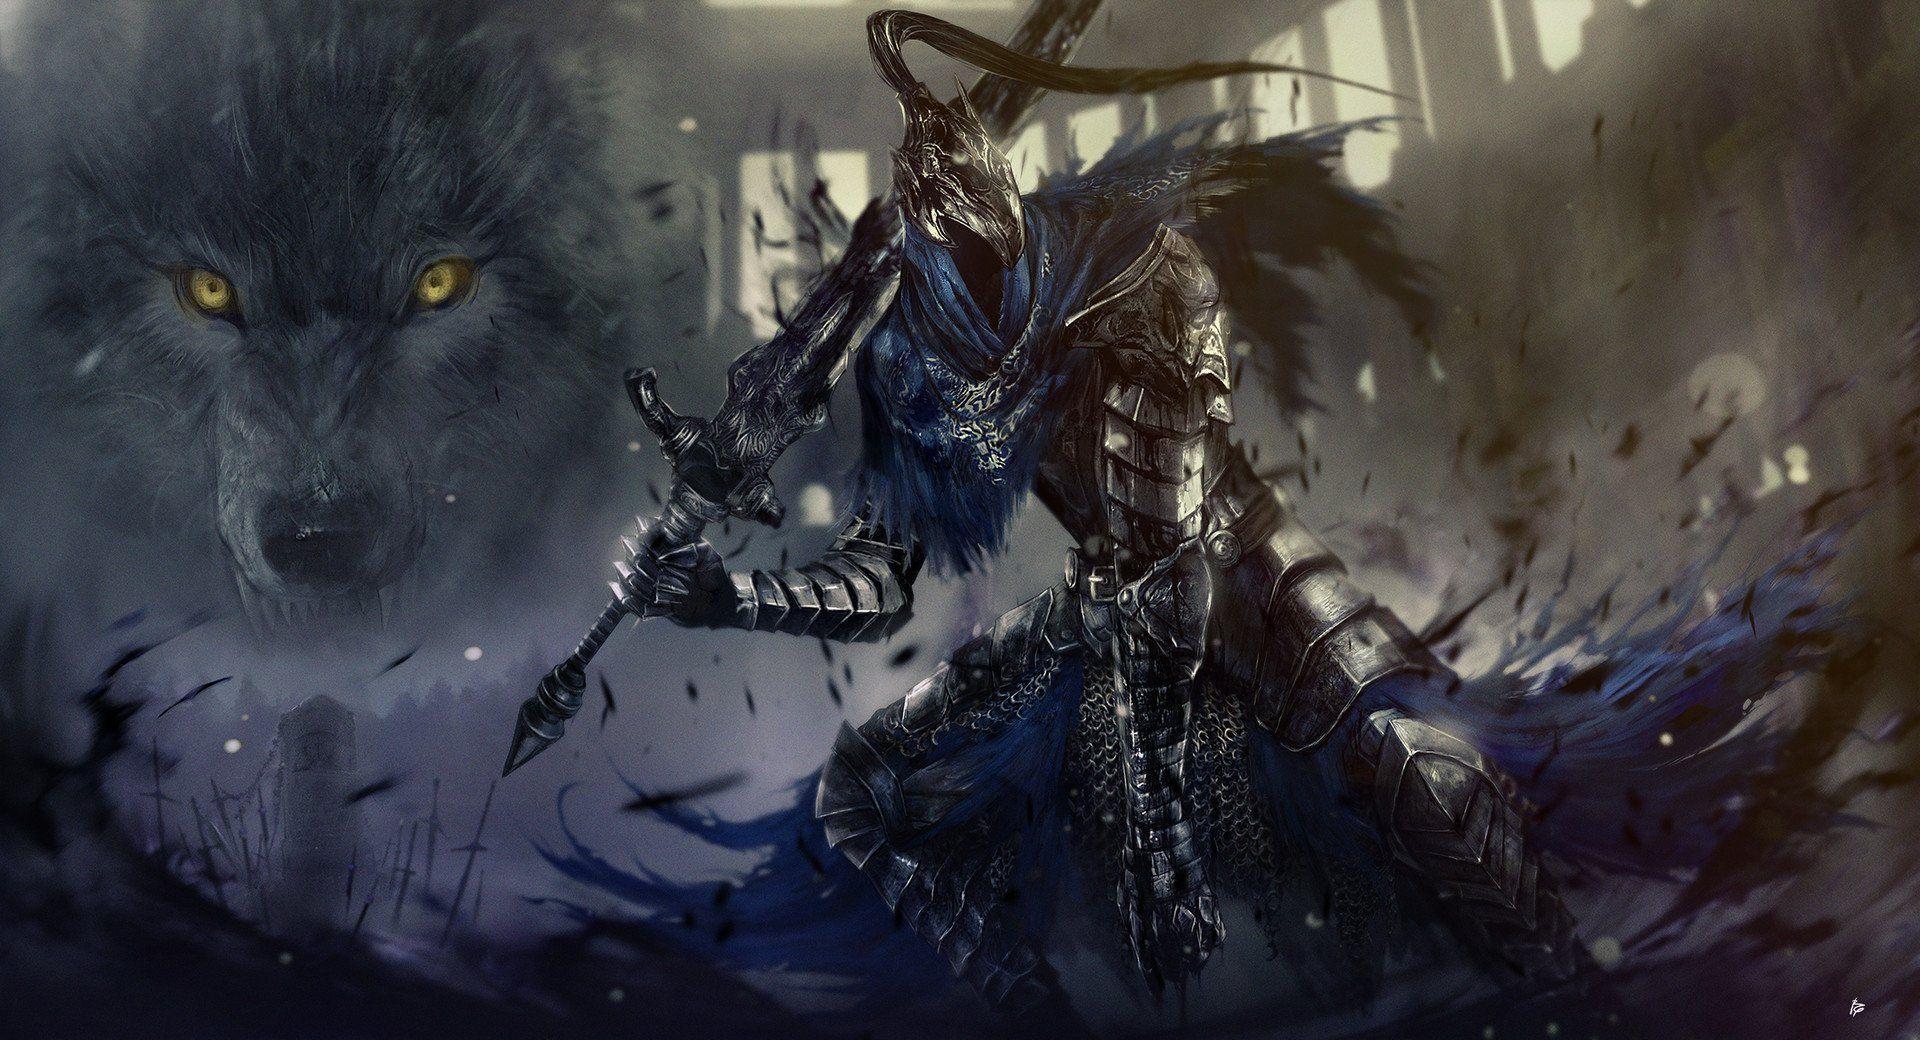 Dark Souls 1 Wallpapers - Top Free Dark Souls 1 ...